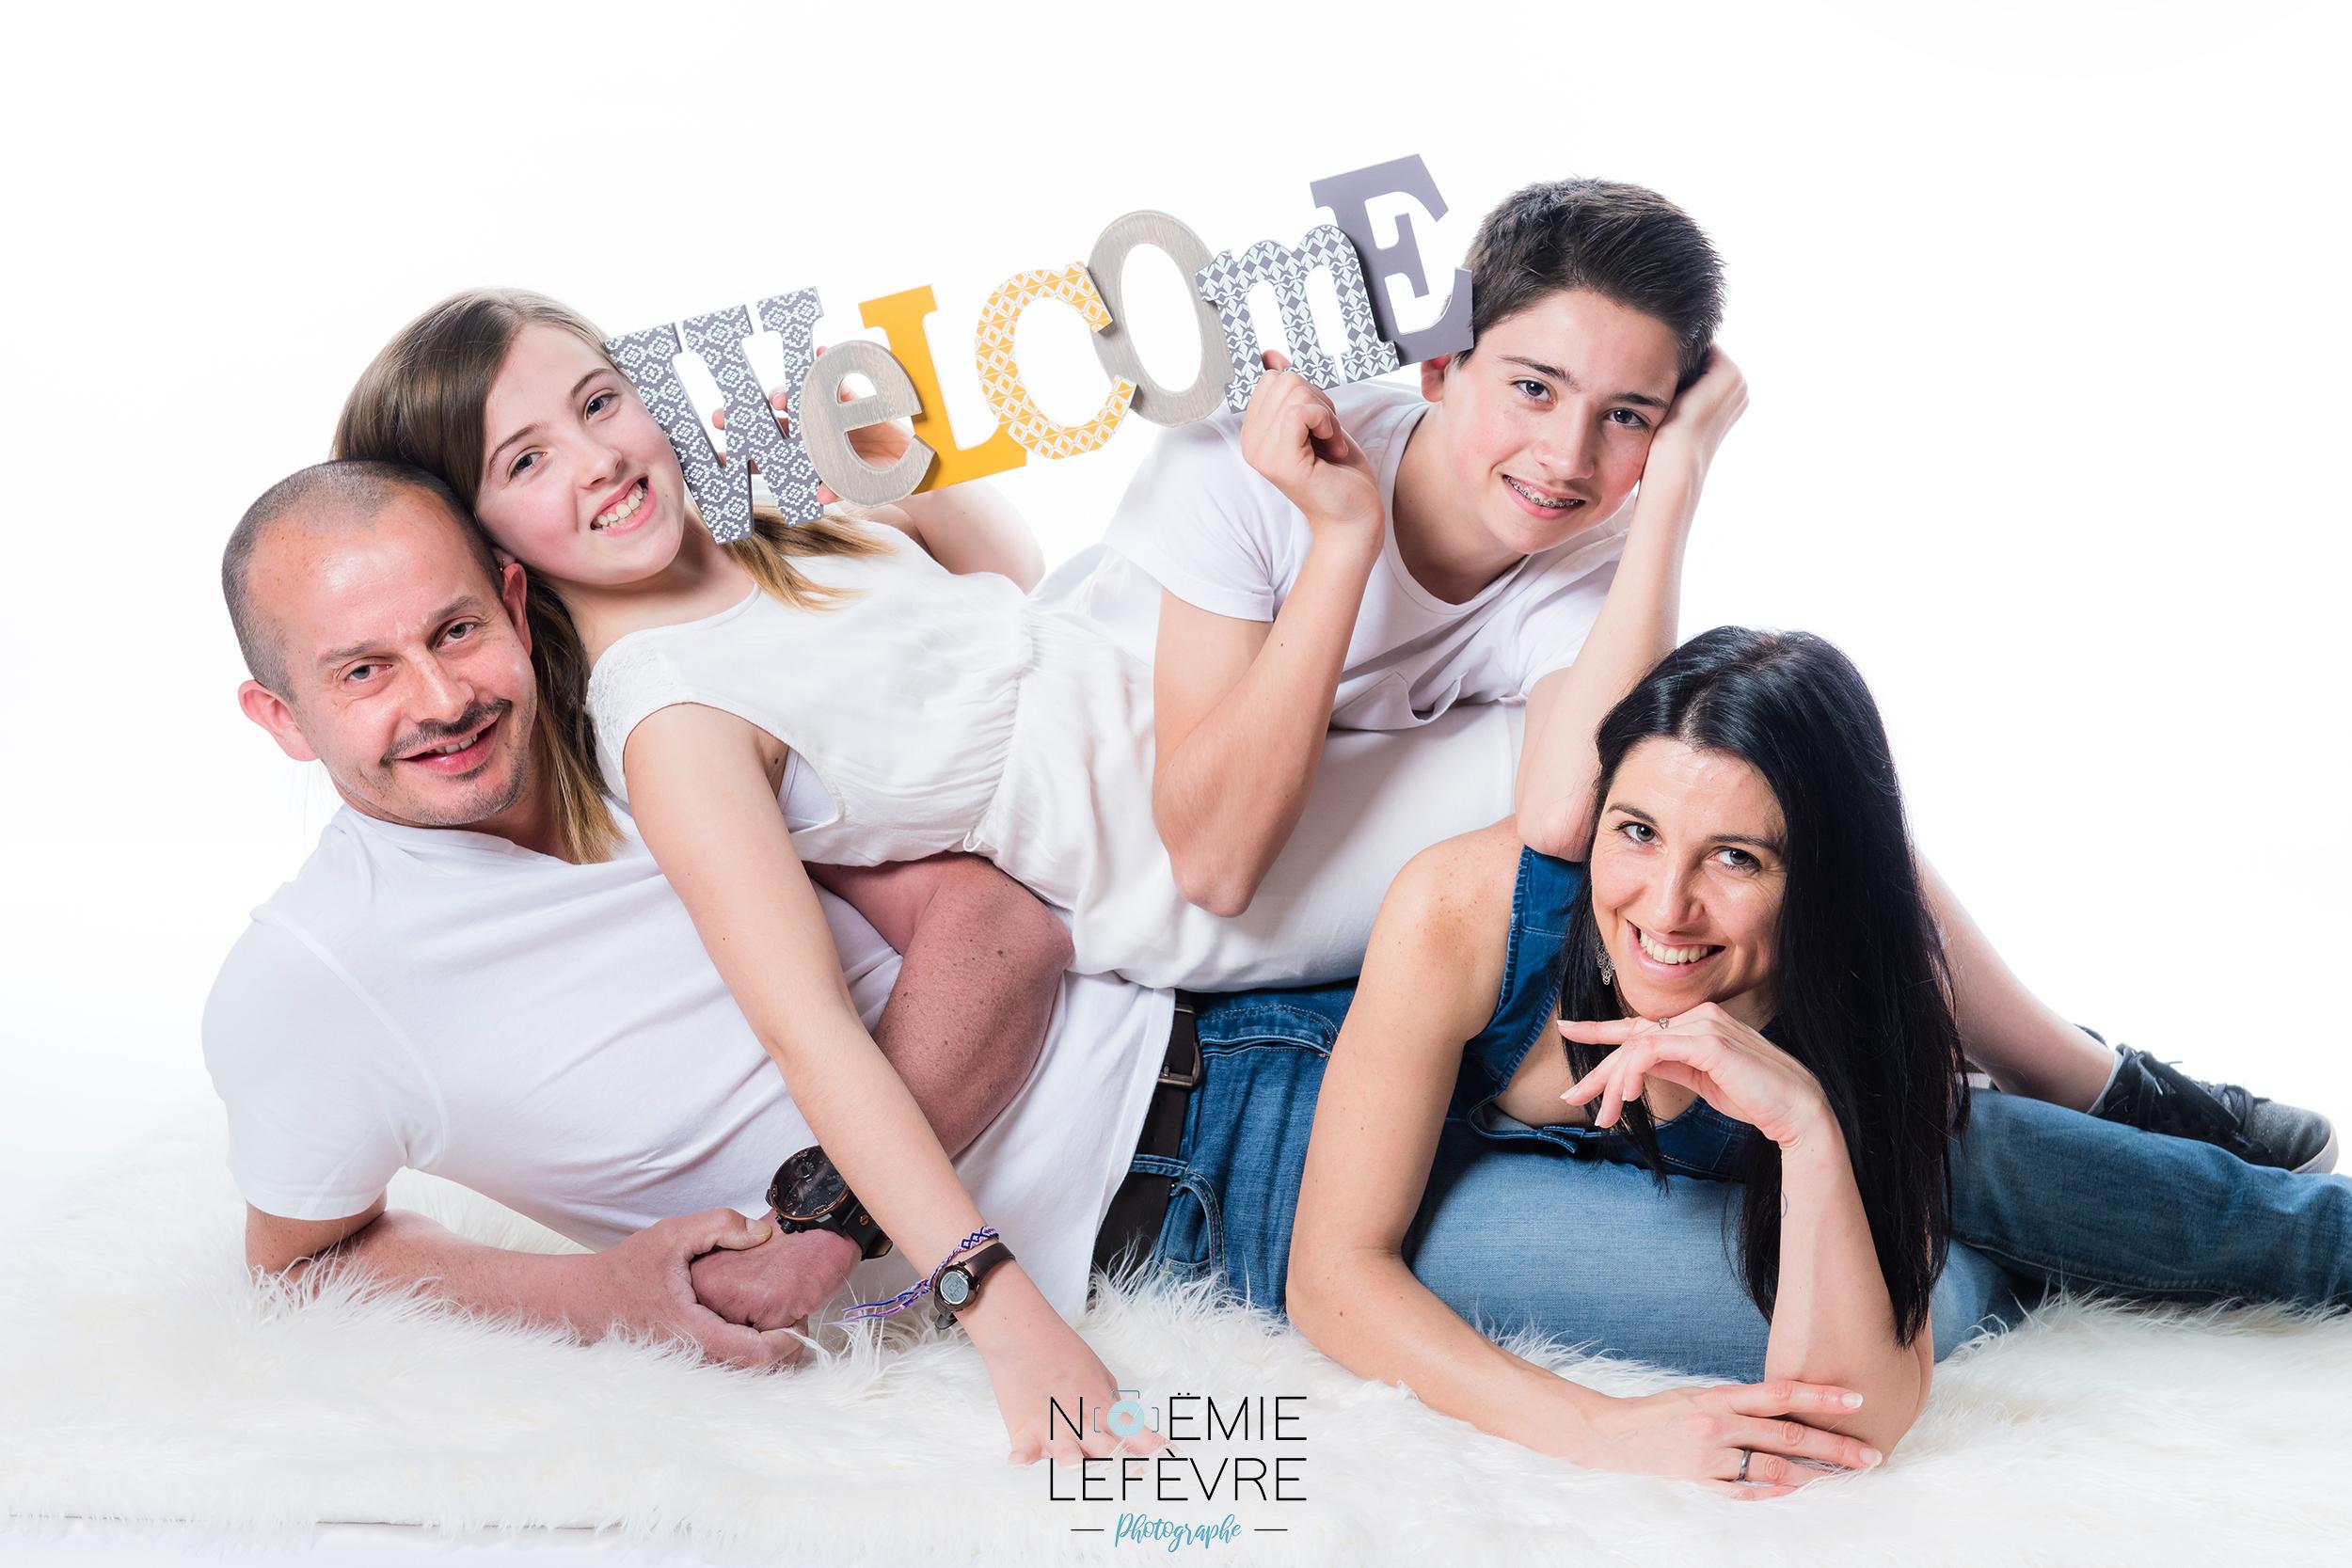 Noëmie Lefèvre-2